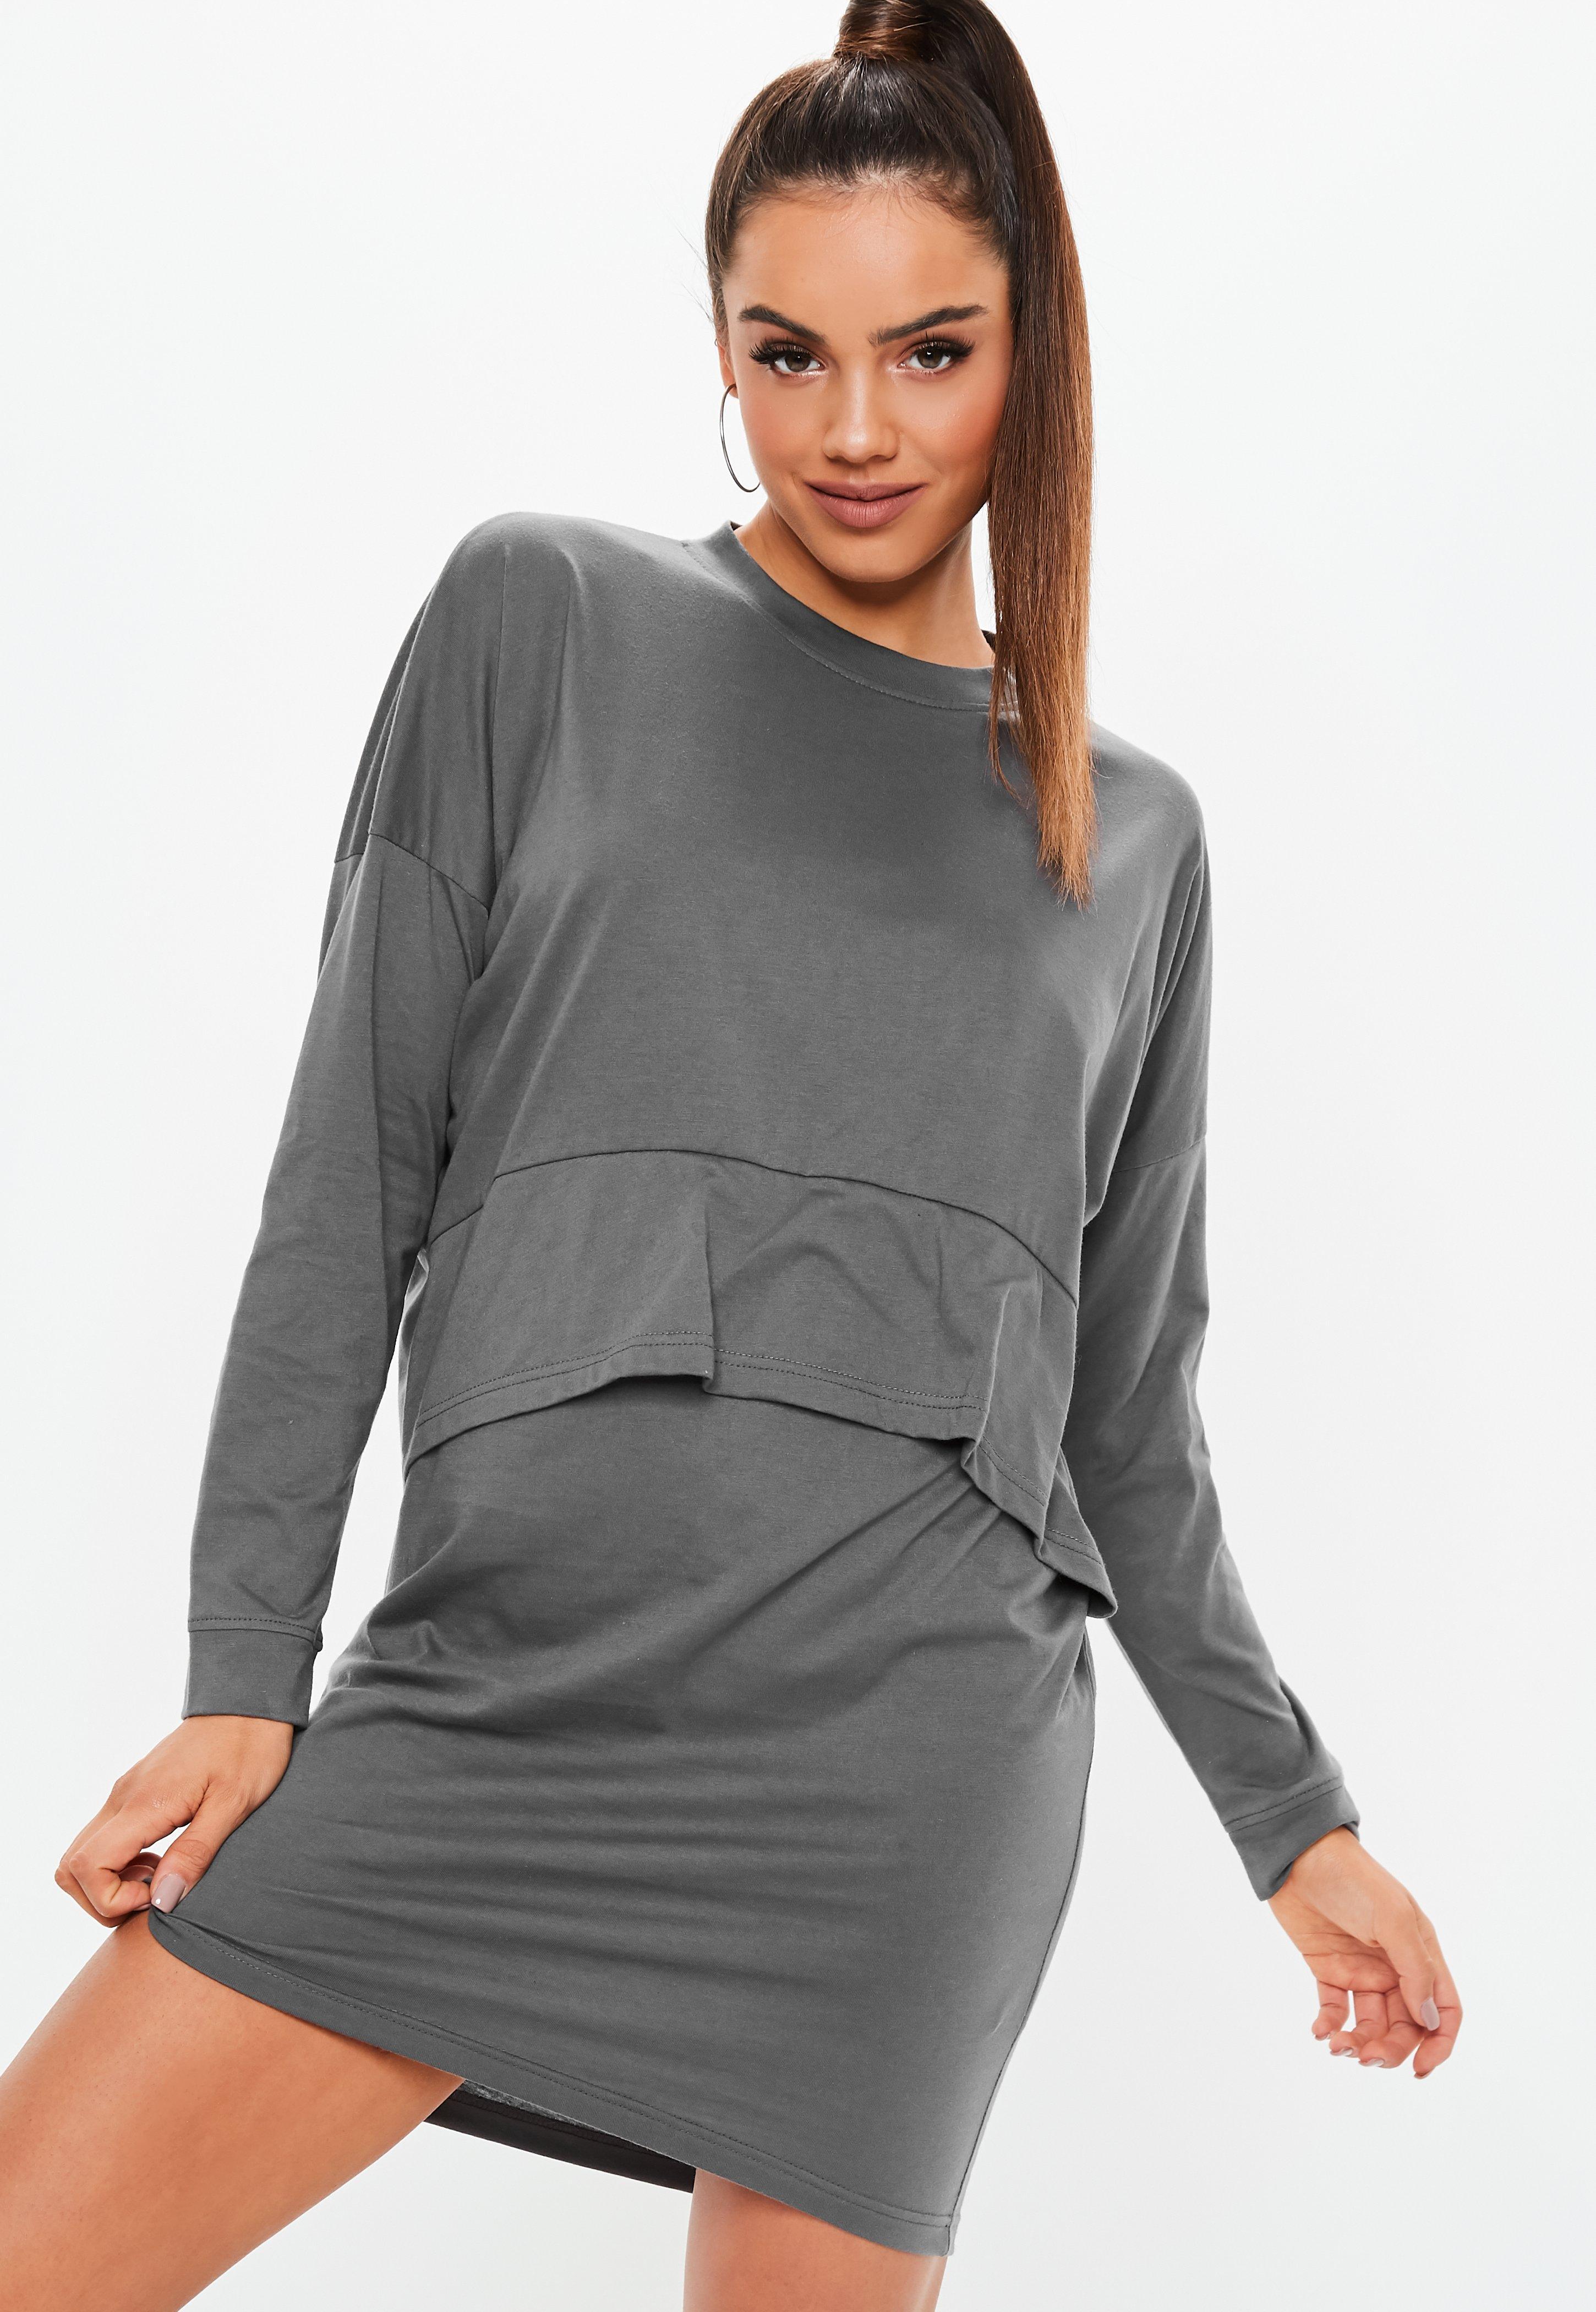 815773c314a29 Robe t-shirt   Robe tee shirt   imprimée femme - Missguided